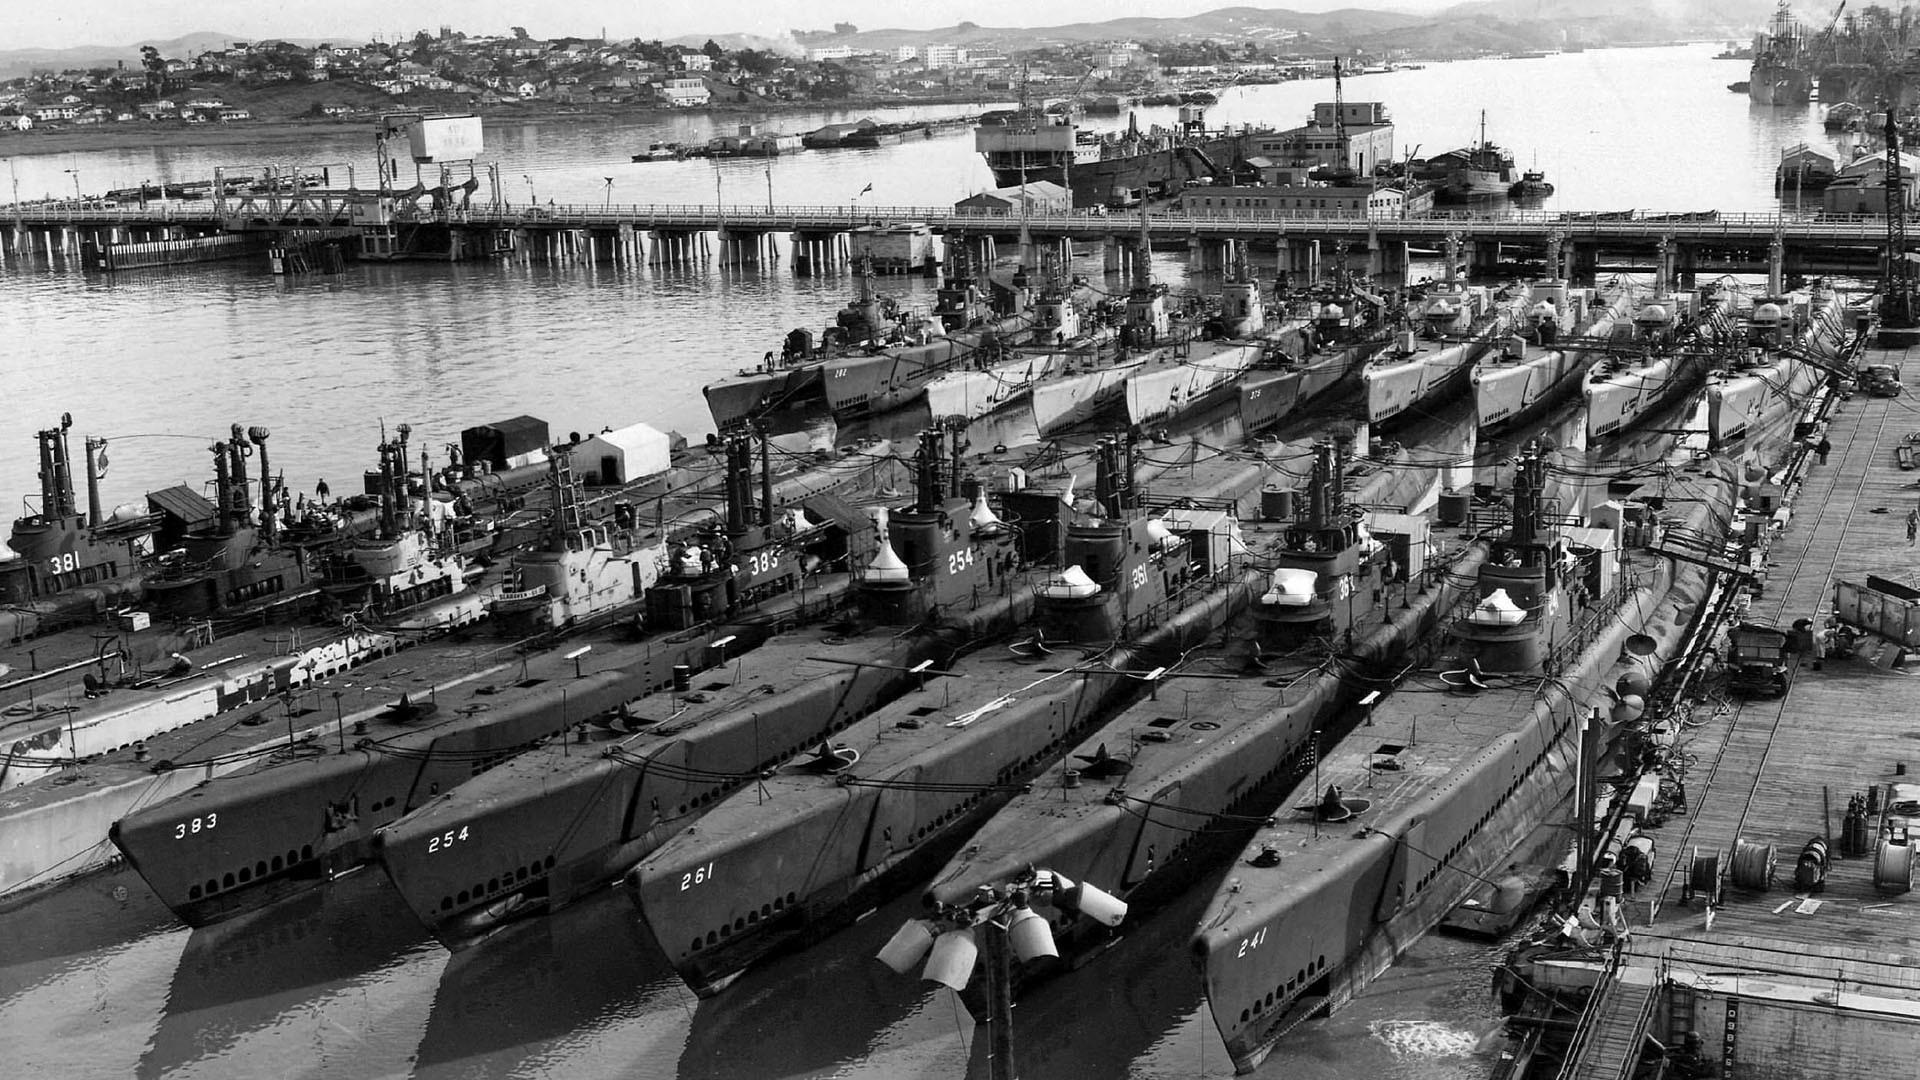 раз фото кораблей ссср и сша год октября